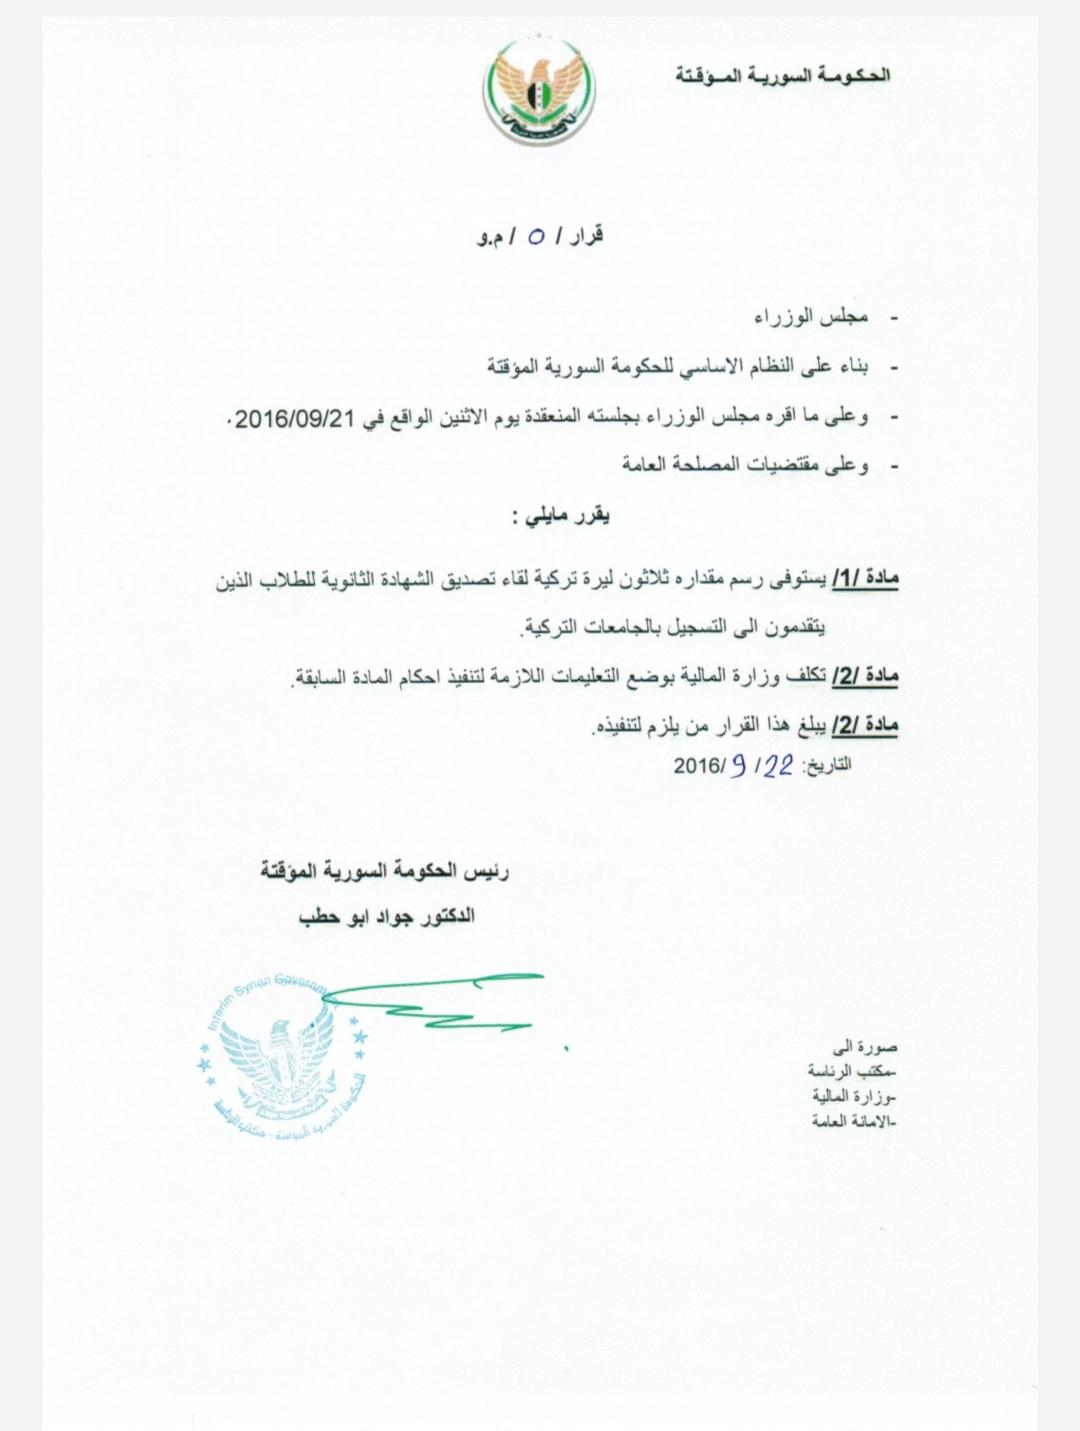 رسوم تصديق الشهادة الثانوية وفق قرار الحكومة المؤقتة - 21 من أيلول 2016